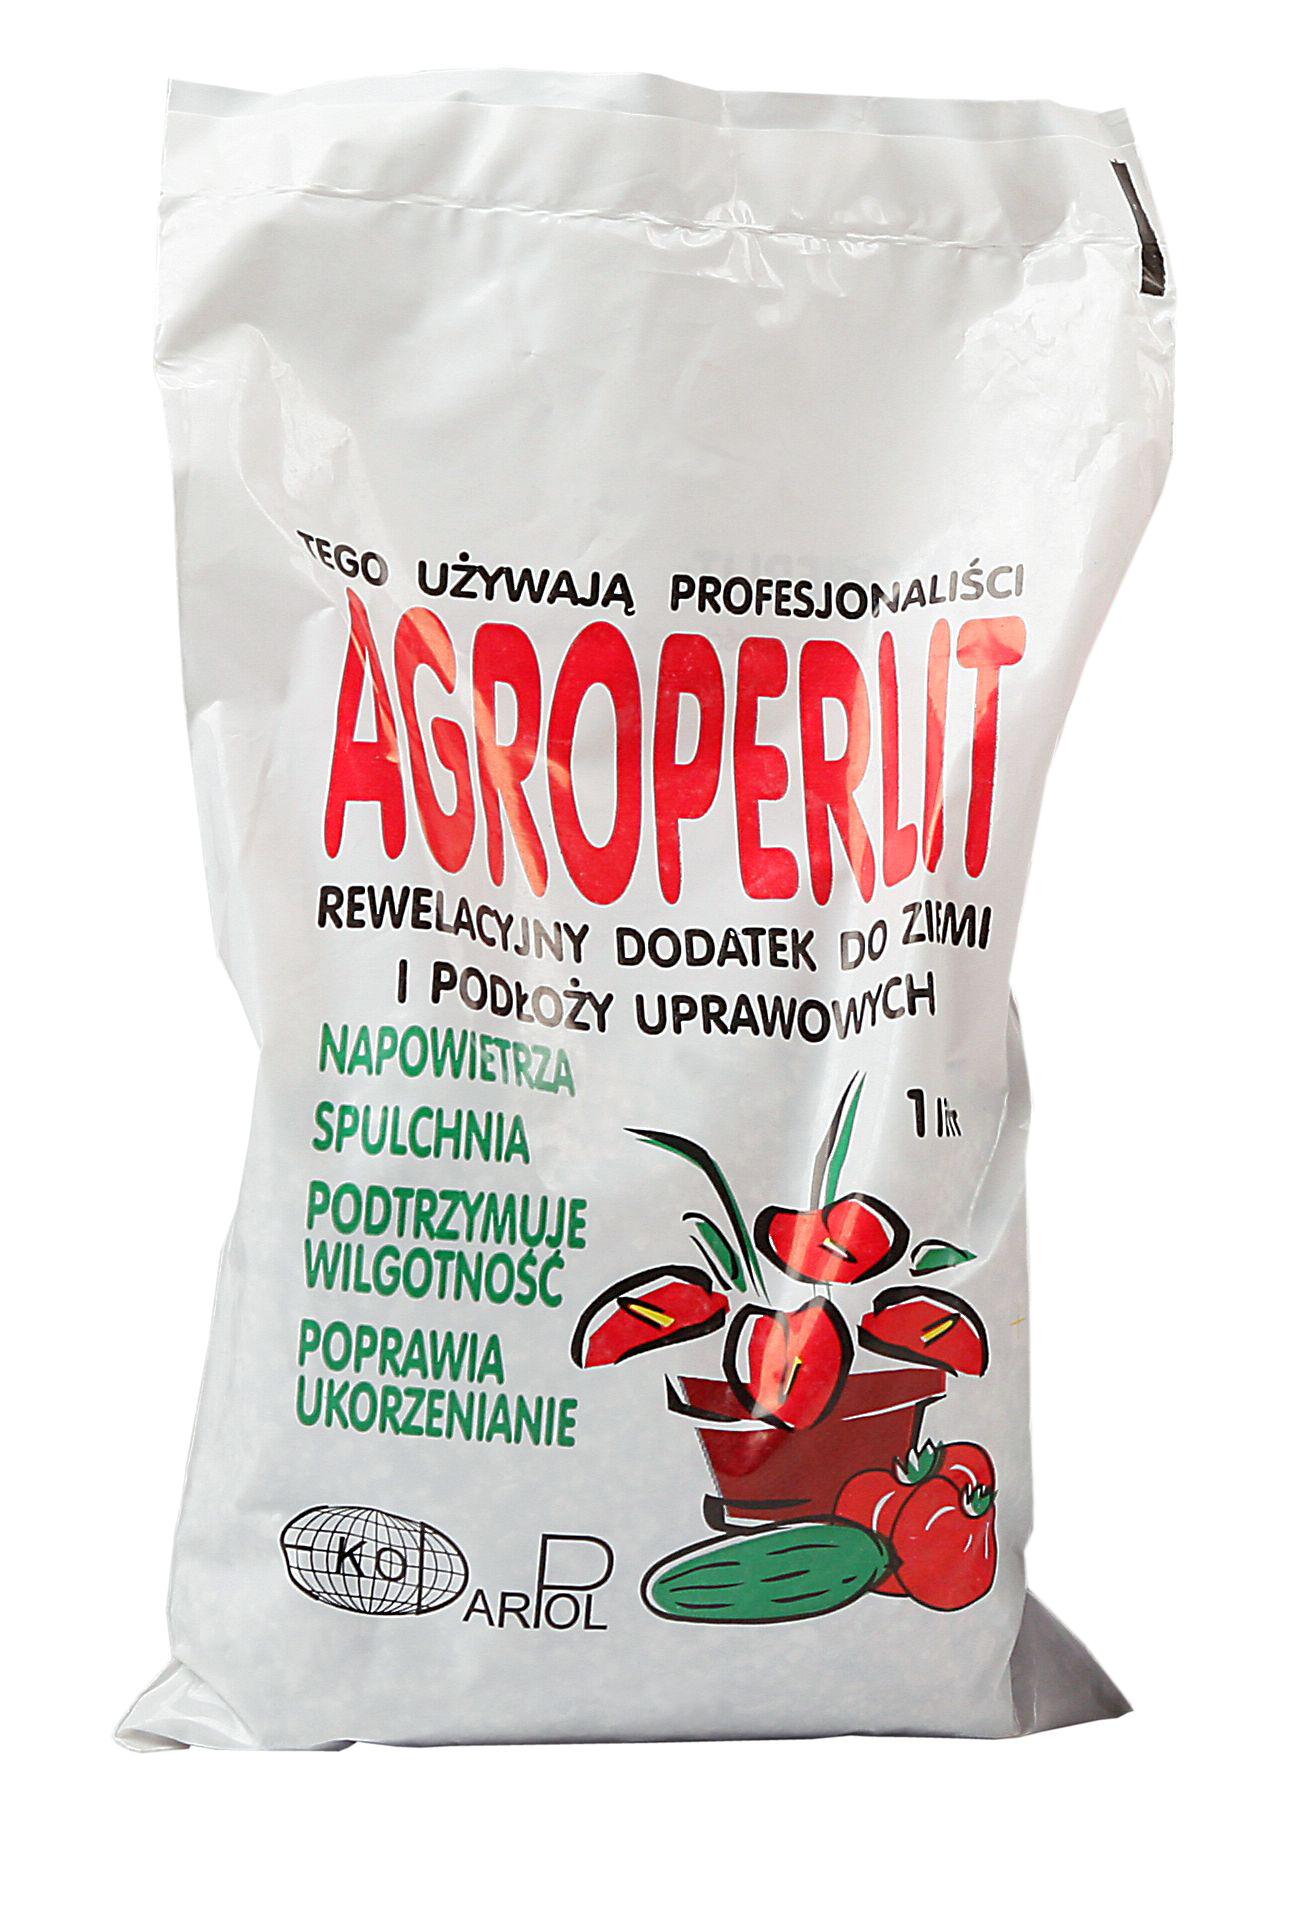 agroperlit_opak